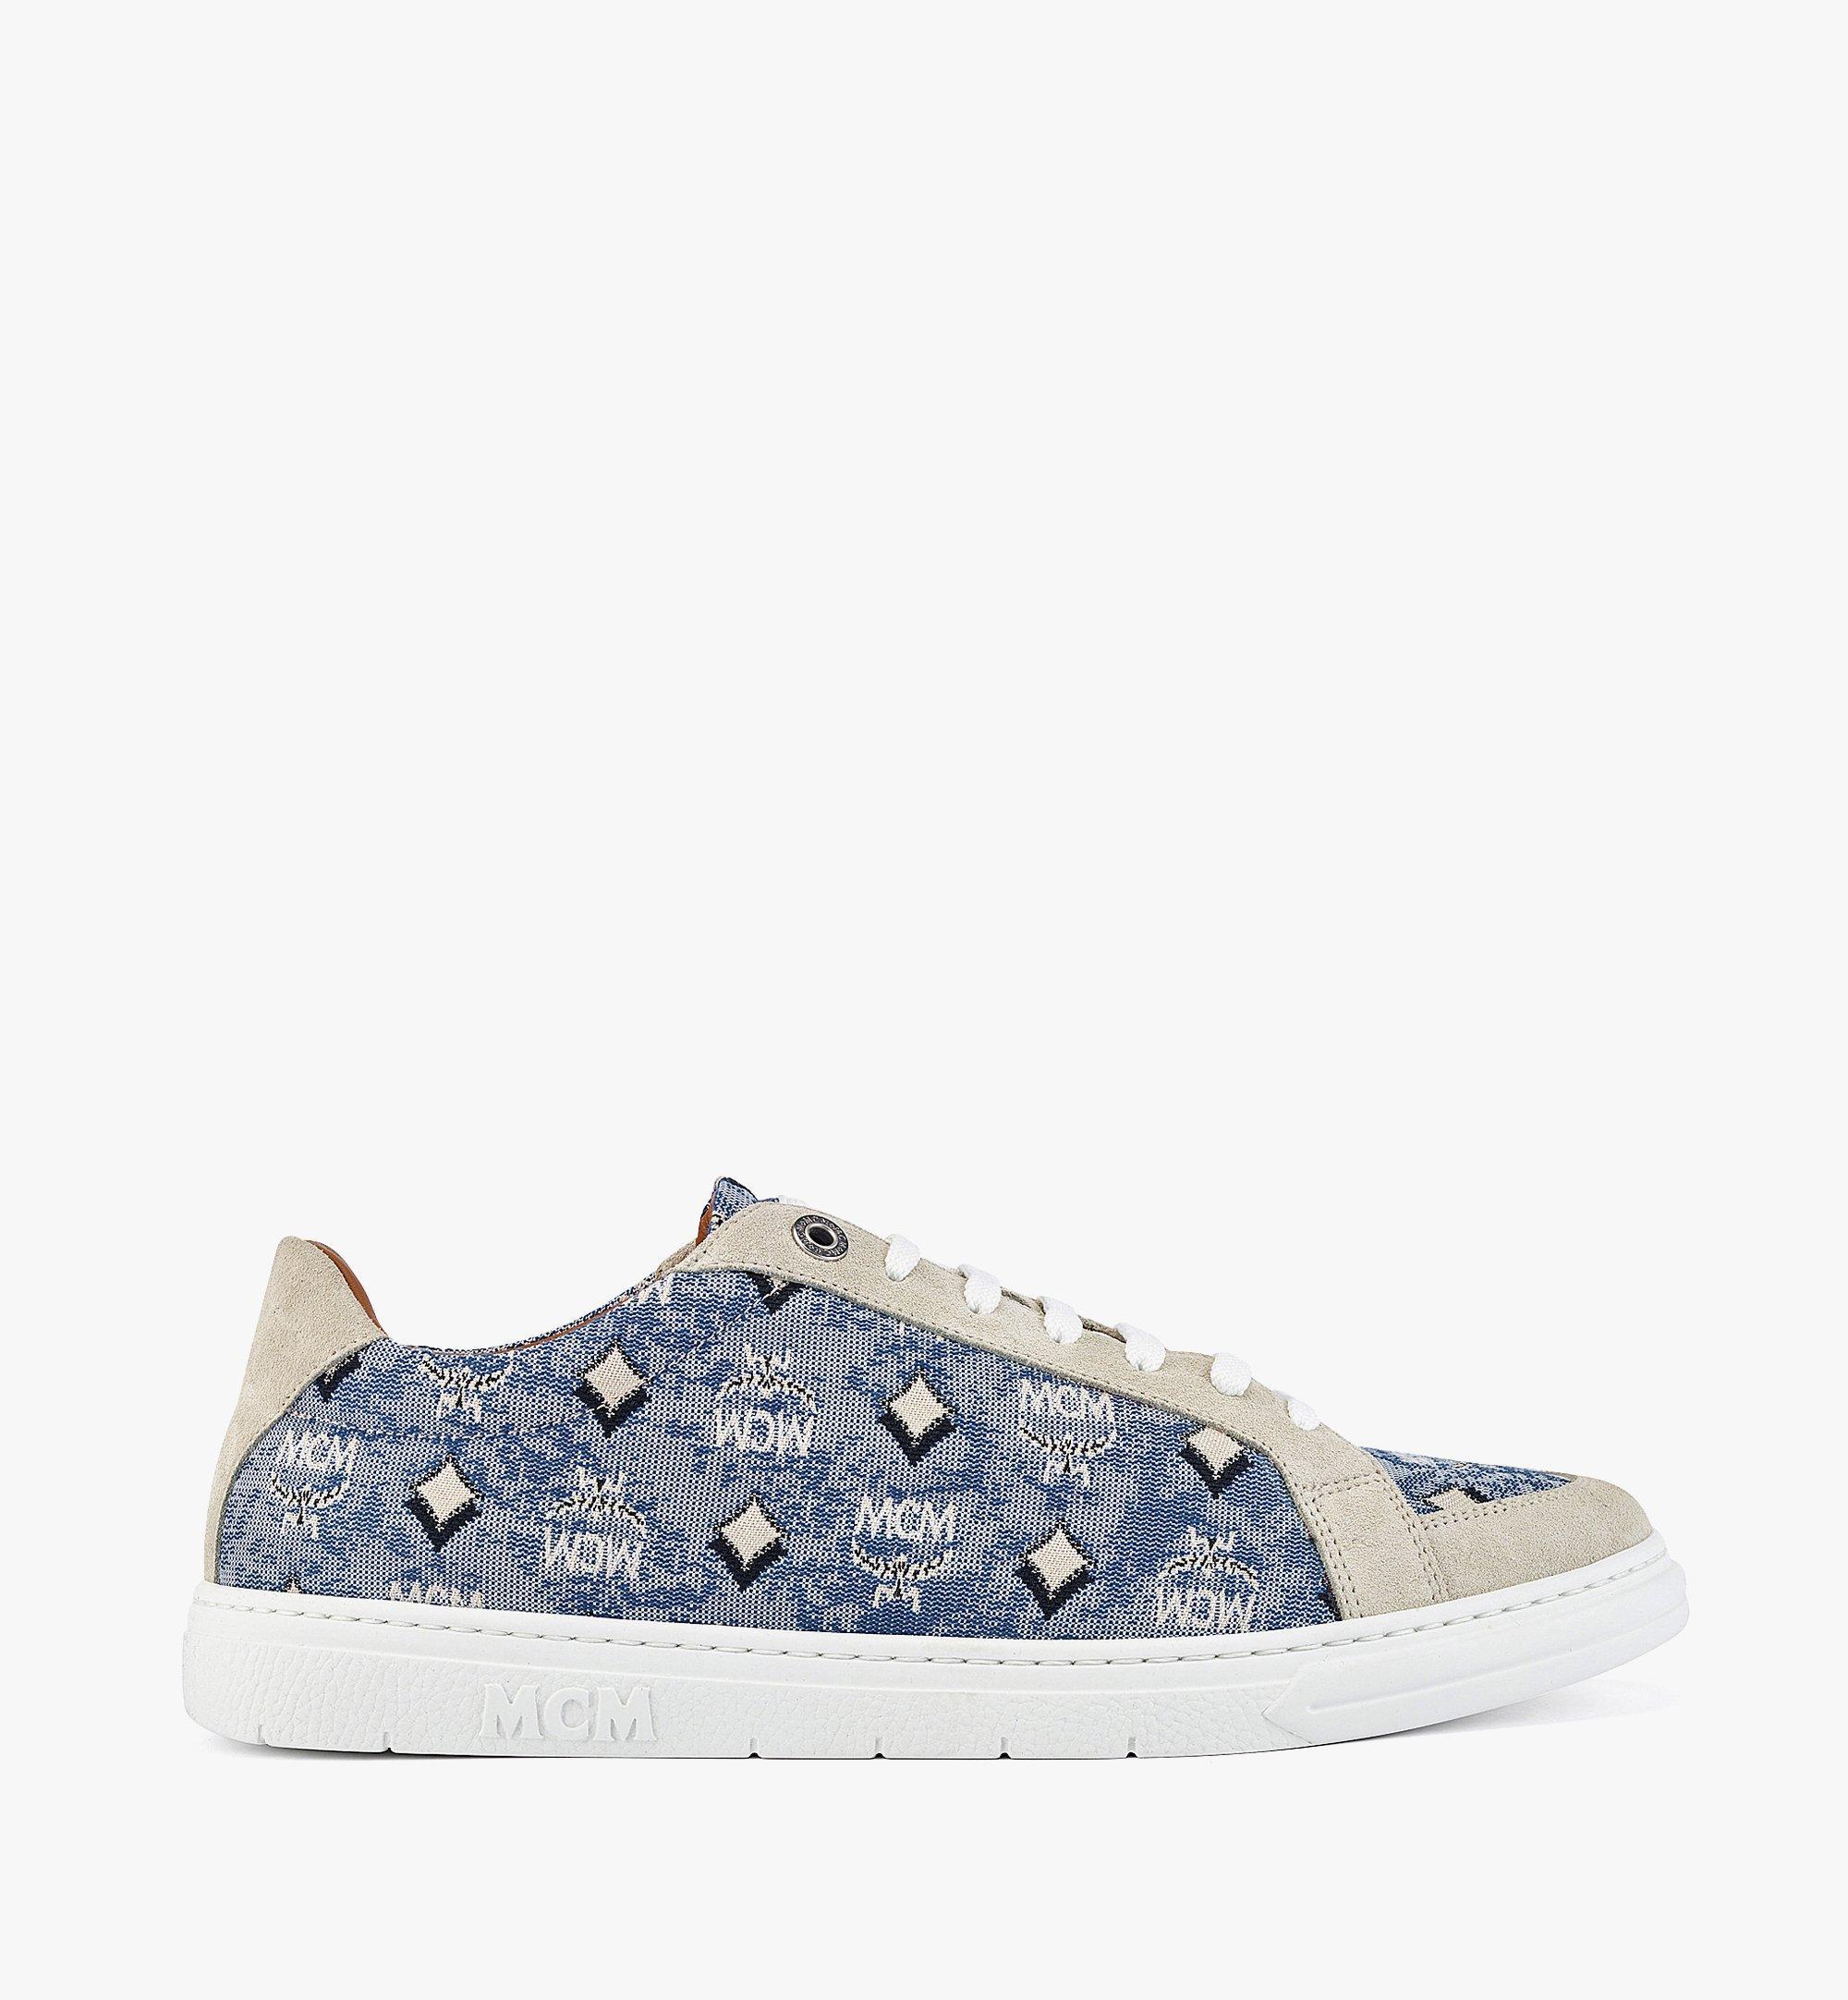 MCM Men's Terrain Lo Sneakers in Vintage Jacquard Monogram Blue MEXBATQ01LU040 Alternate View 3